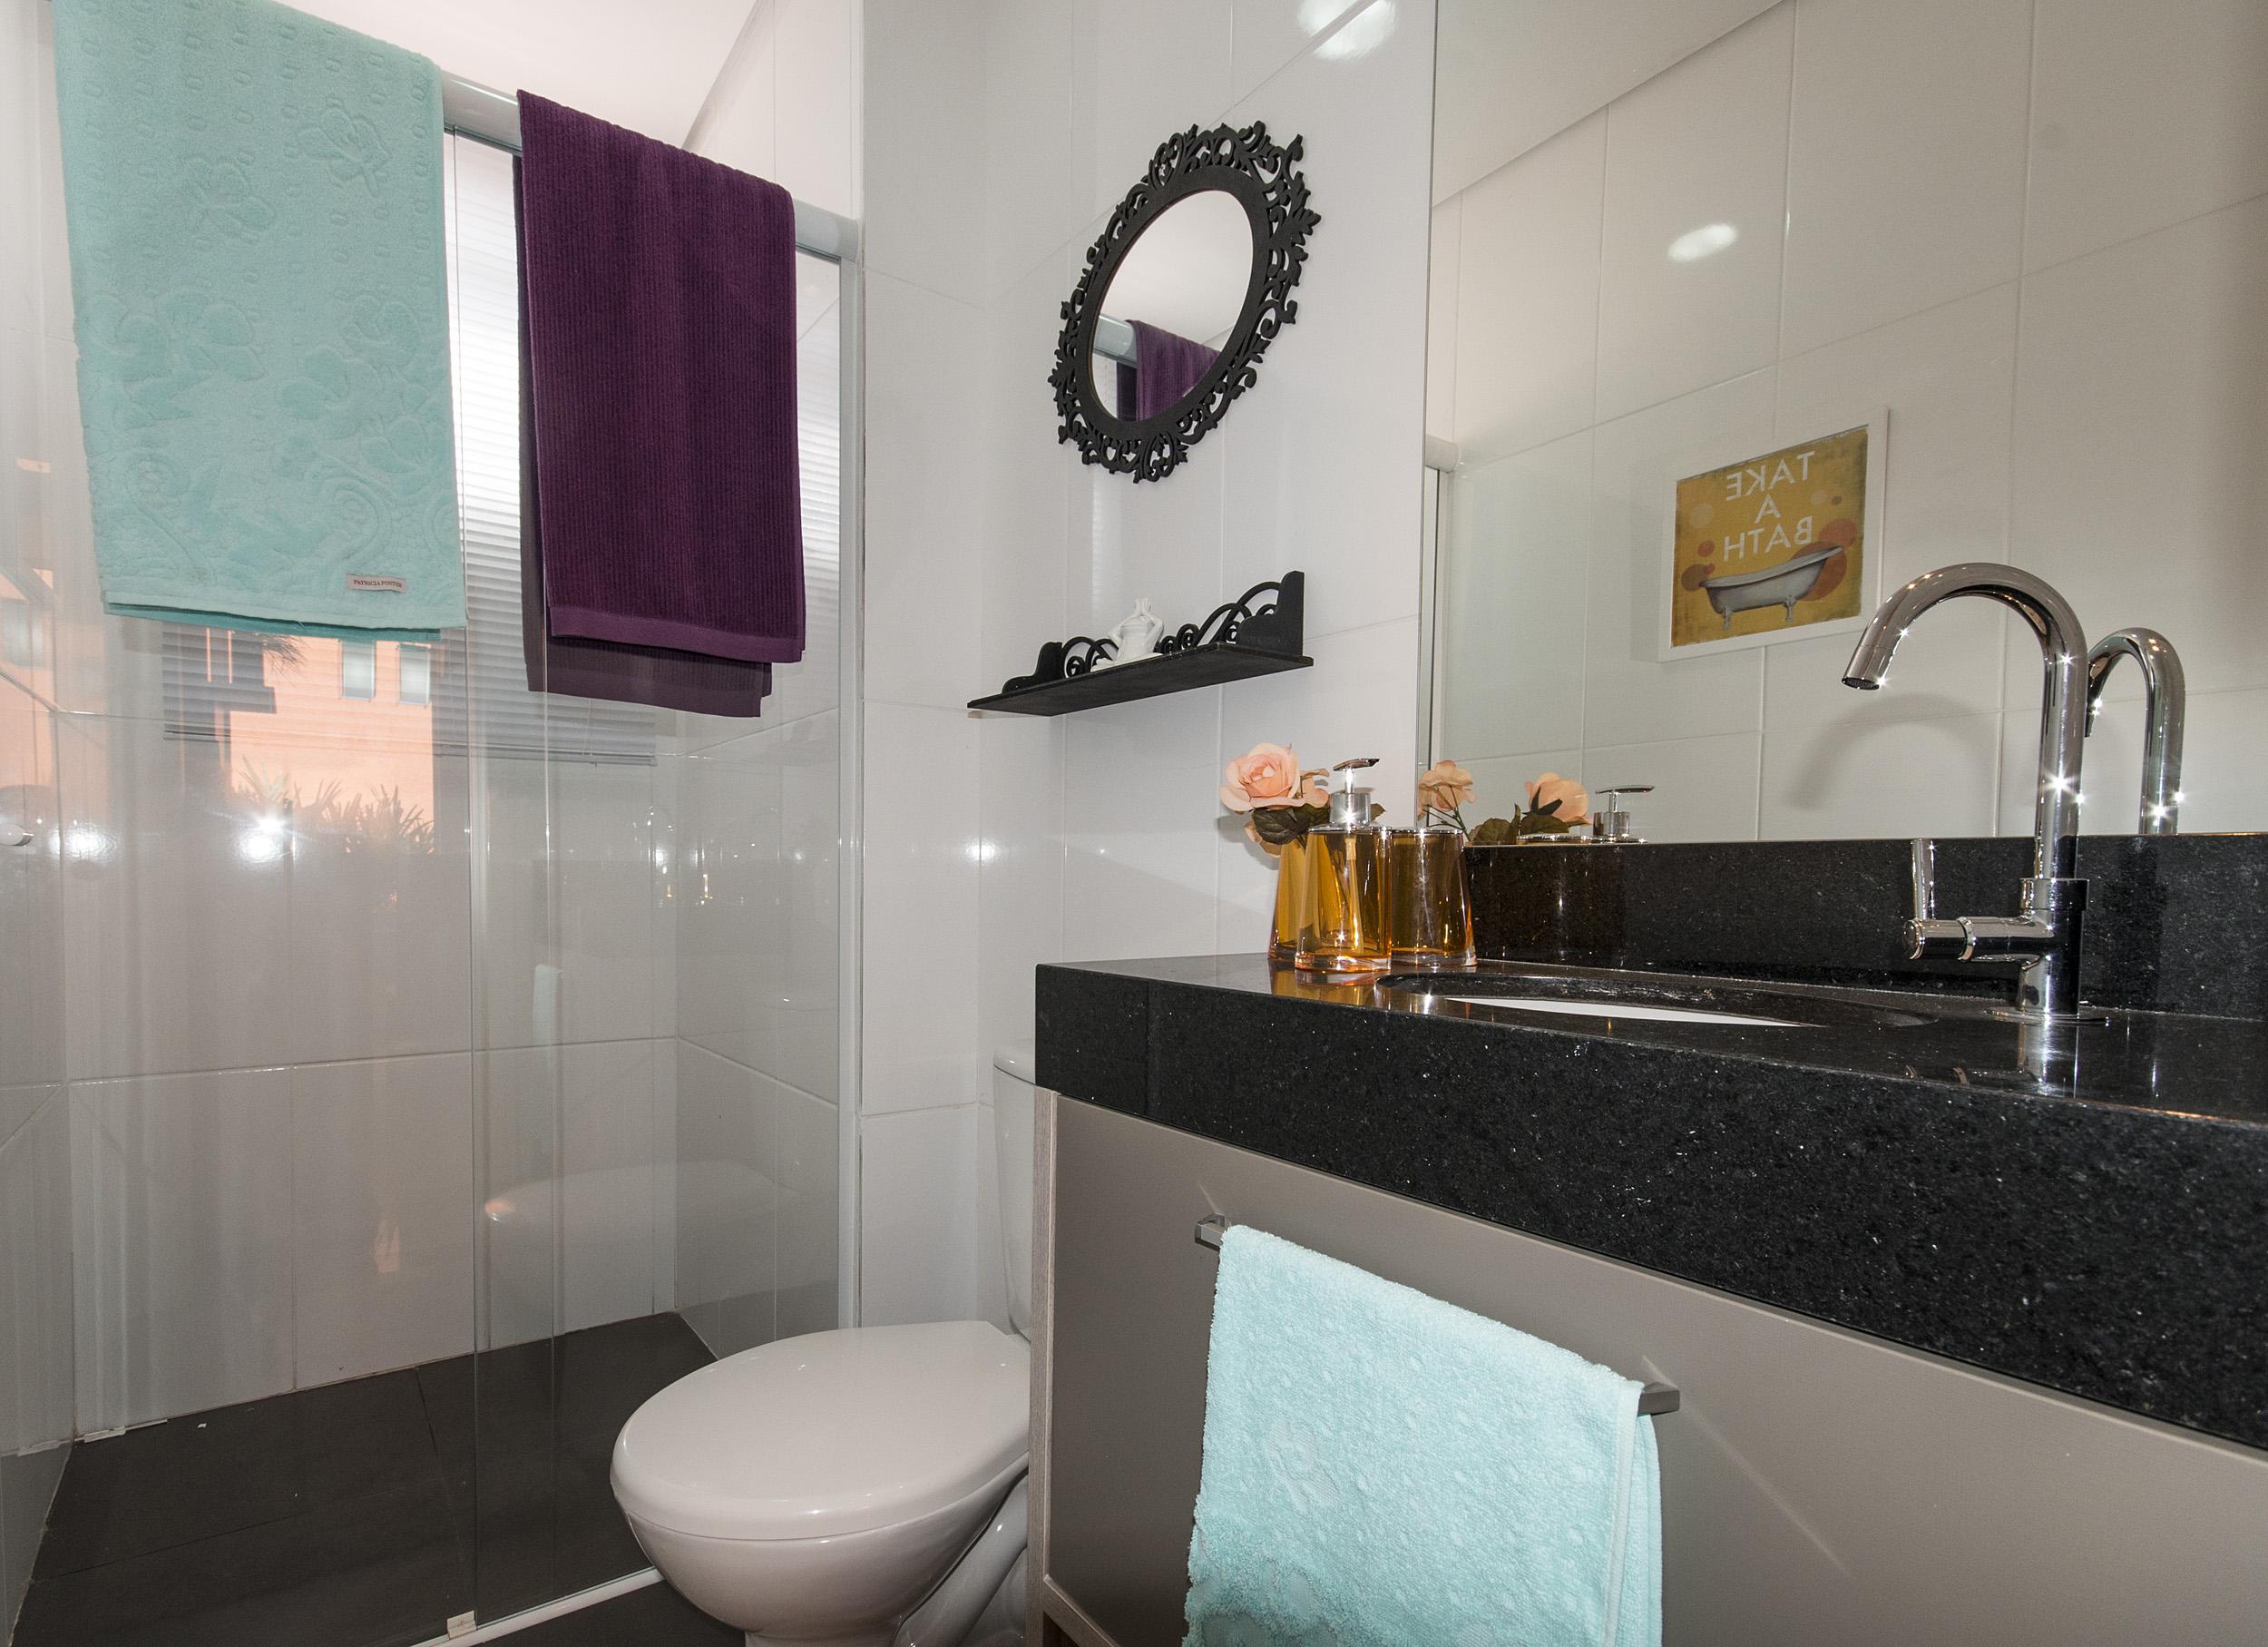 Dicas e truques simples para deixar seu banheiro mais charmoso  MRV Engenharia -> Banheiro Decorado Da Mrv